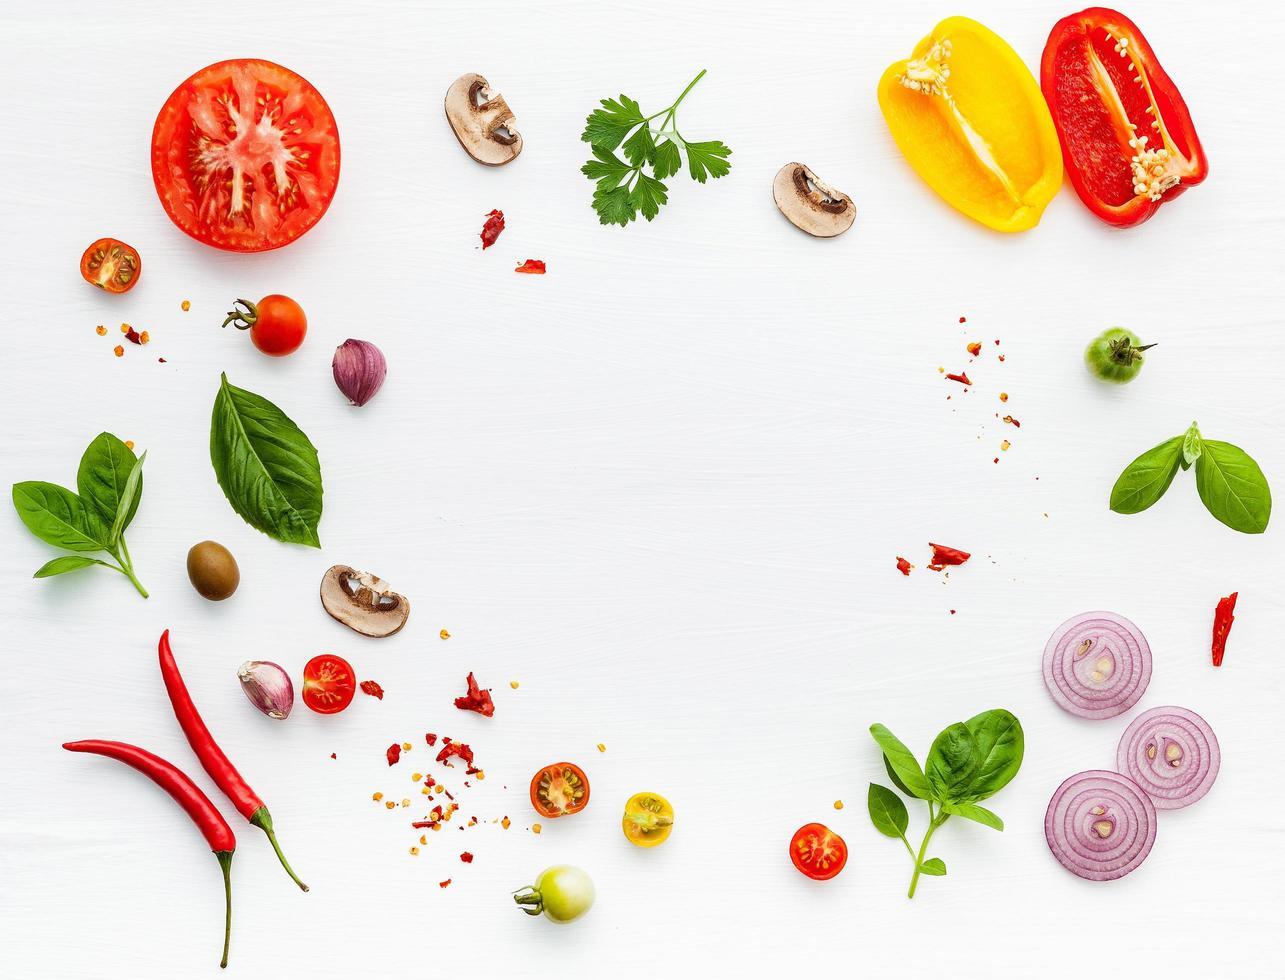 quadro de ingredientes para pizza foto